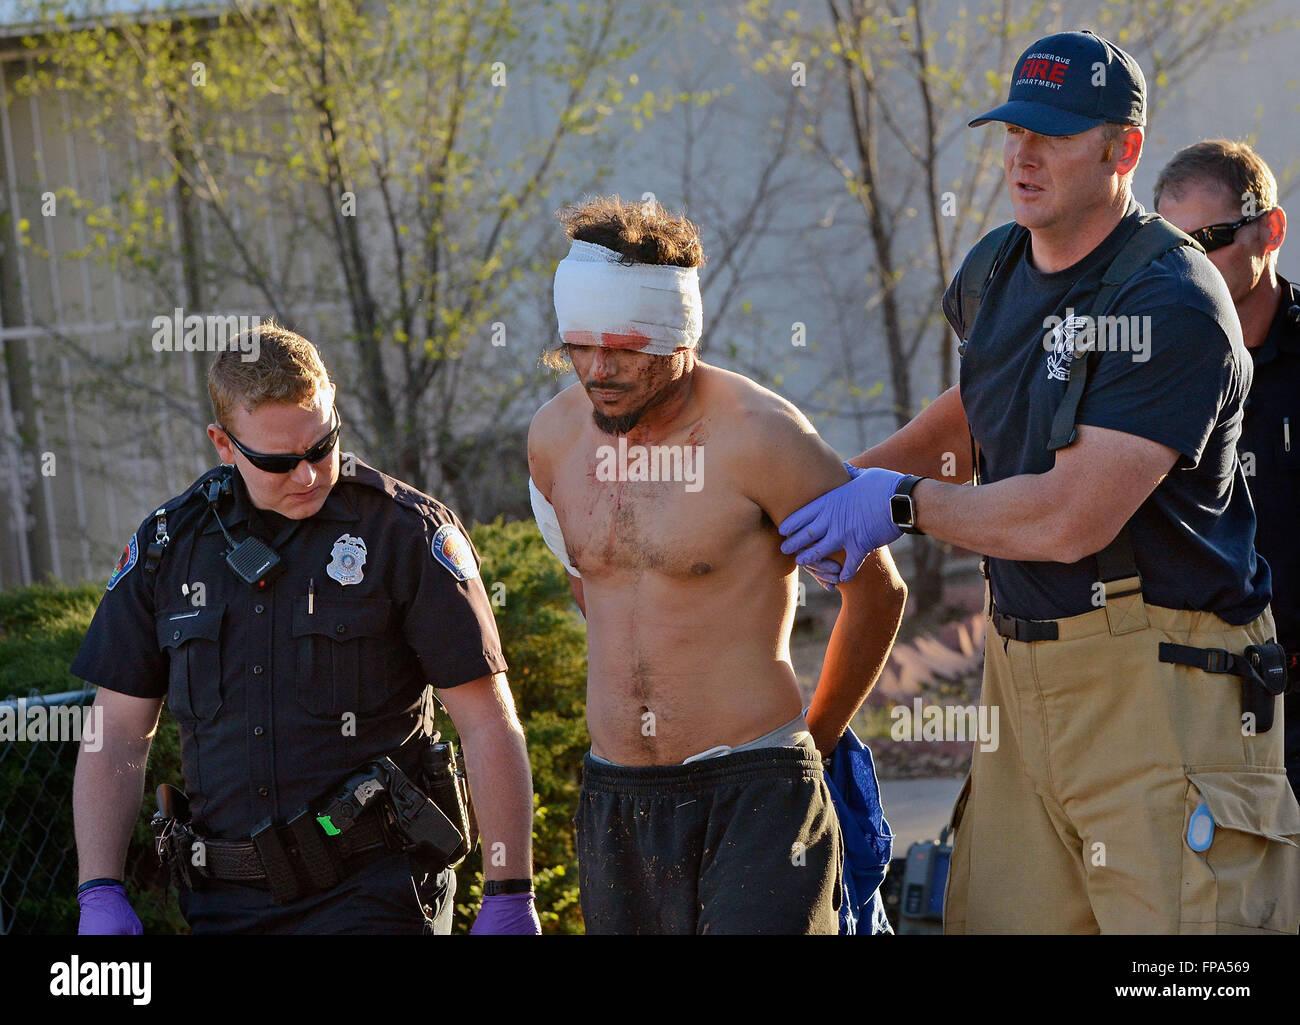 Albuquerque, NM, USA. 17 Mar, 2016. APD Delegado D. Kisser y AFD bombero David auge desde la estación 9 Joseph Imagen De Stock